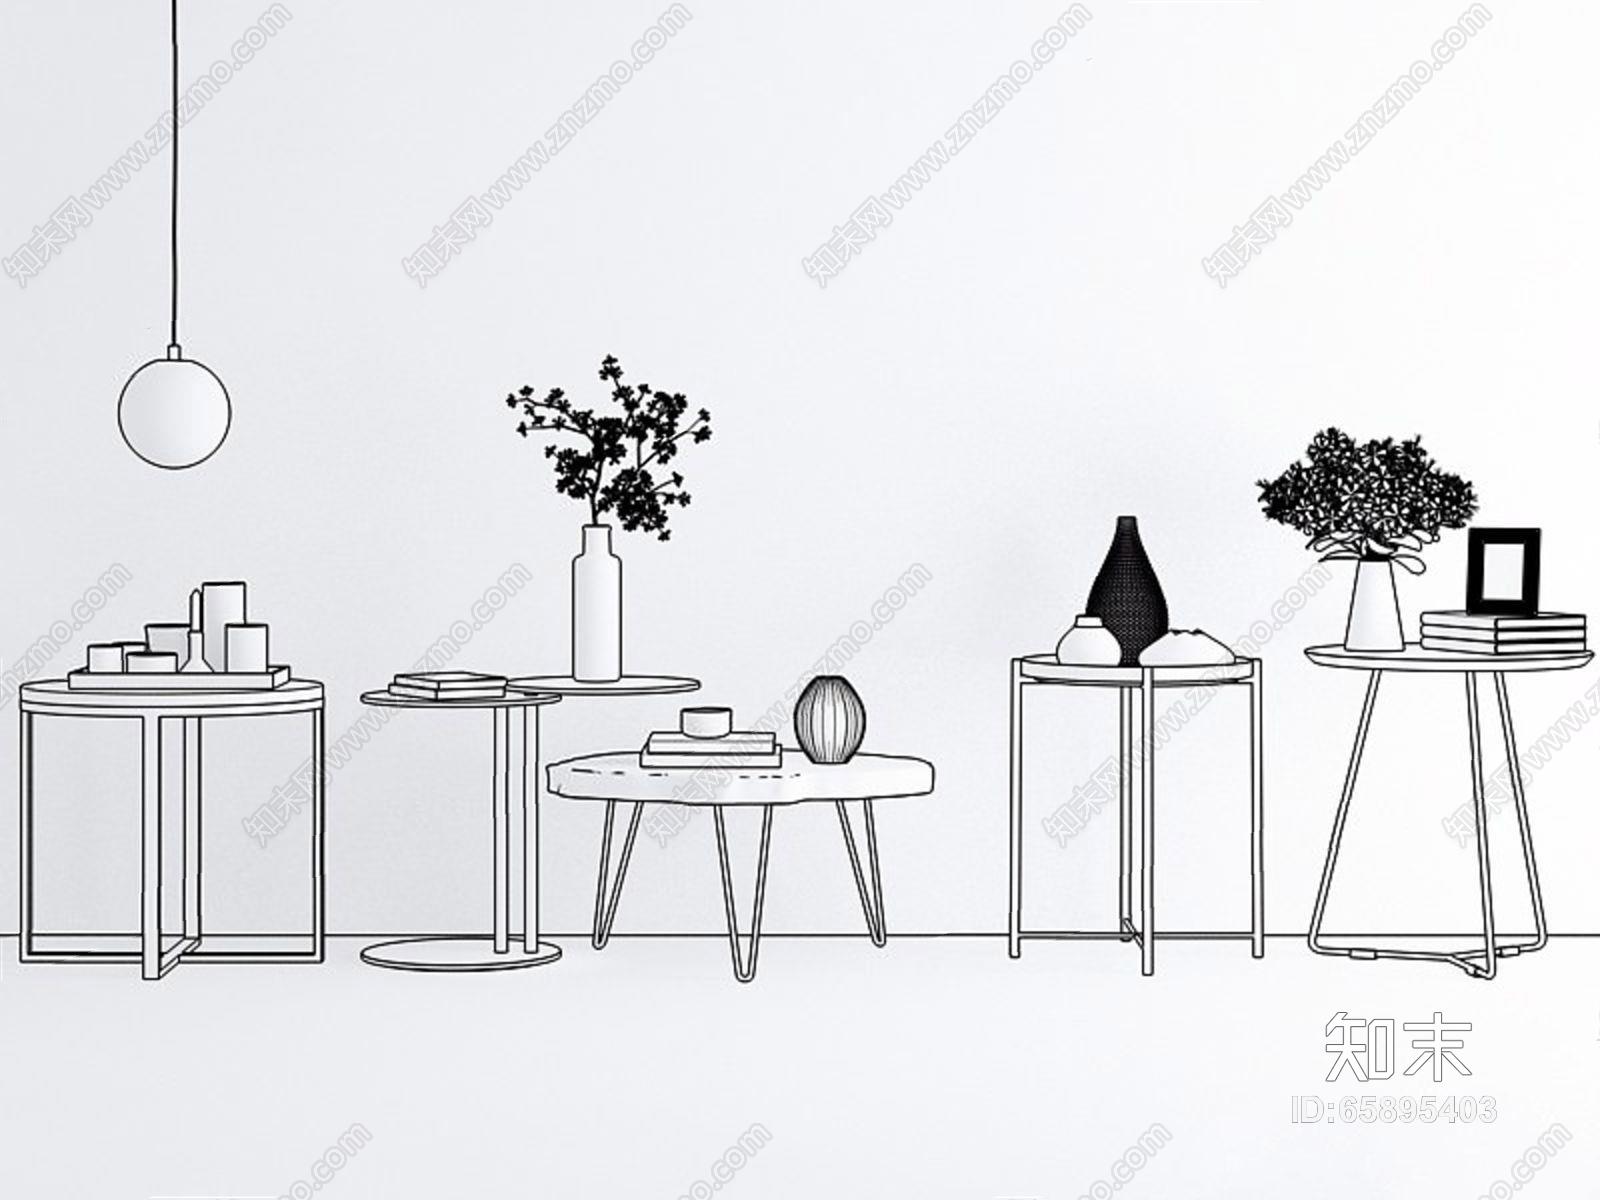 极简现代茶几 现代茶几 北欧茶几 角几 饰品 摆件 花艺 吊灯 圆几 边几